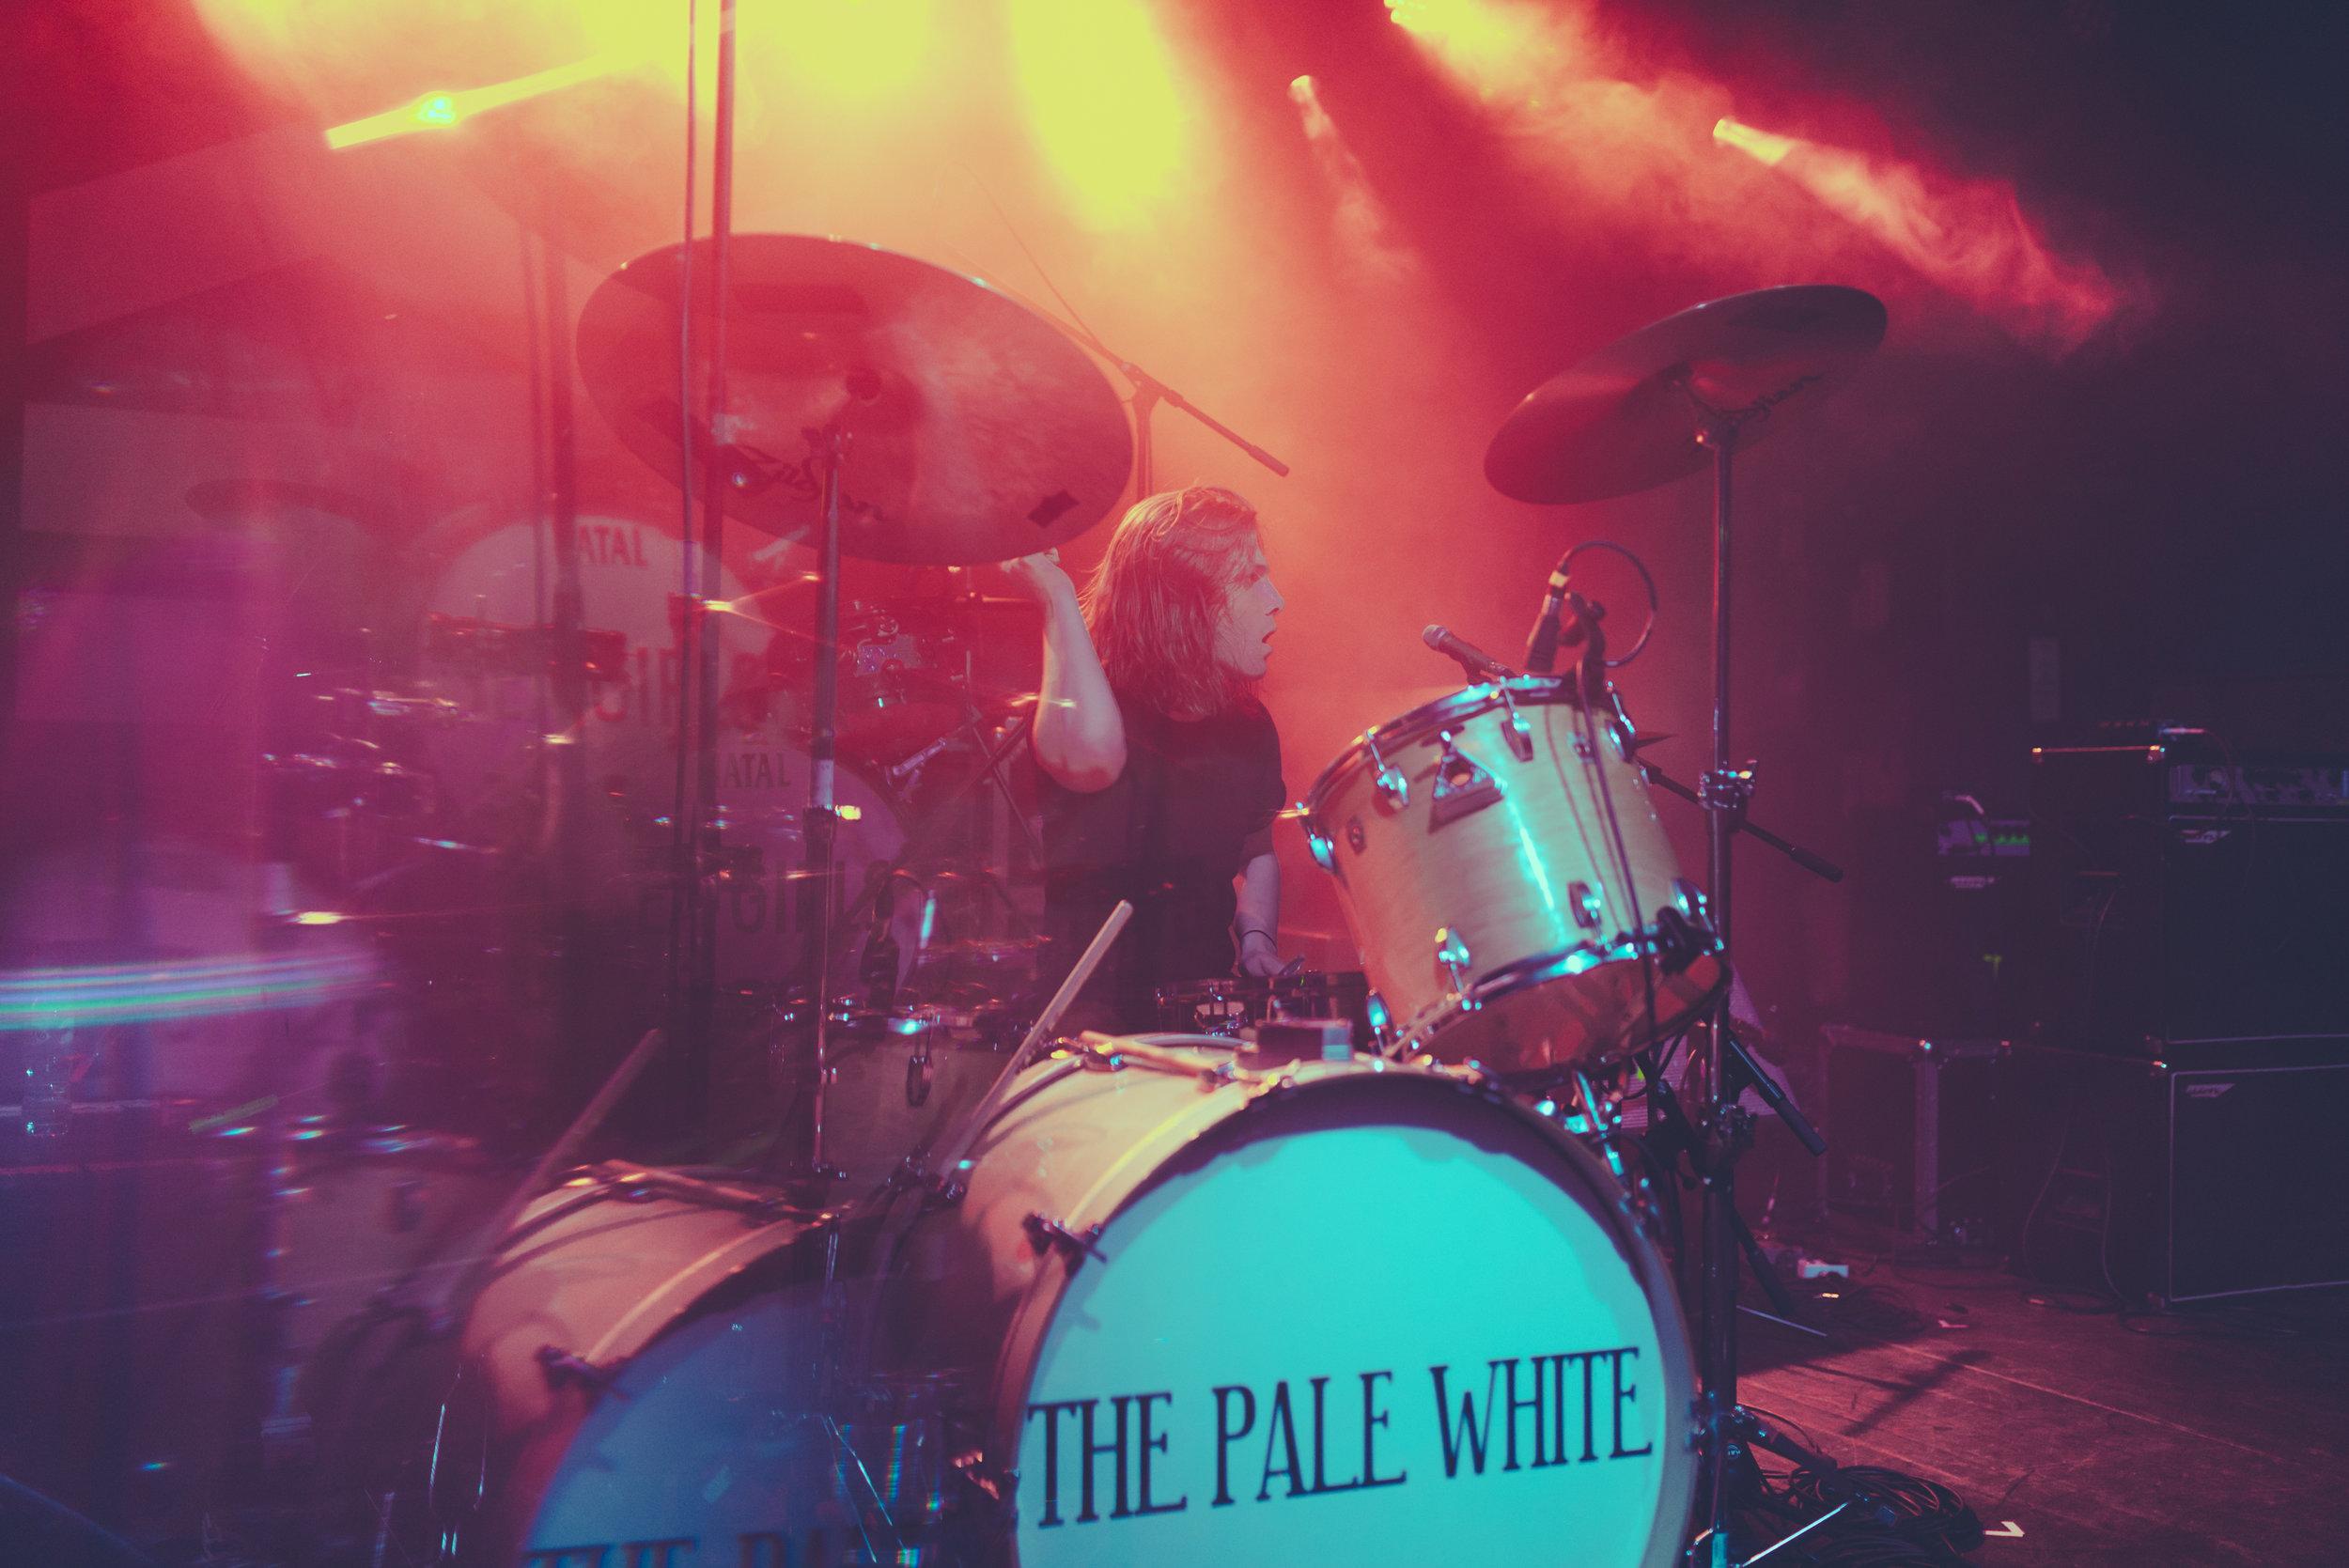 The-Pale-White-Sara-Feigin-003.jpg